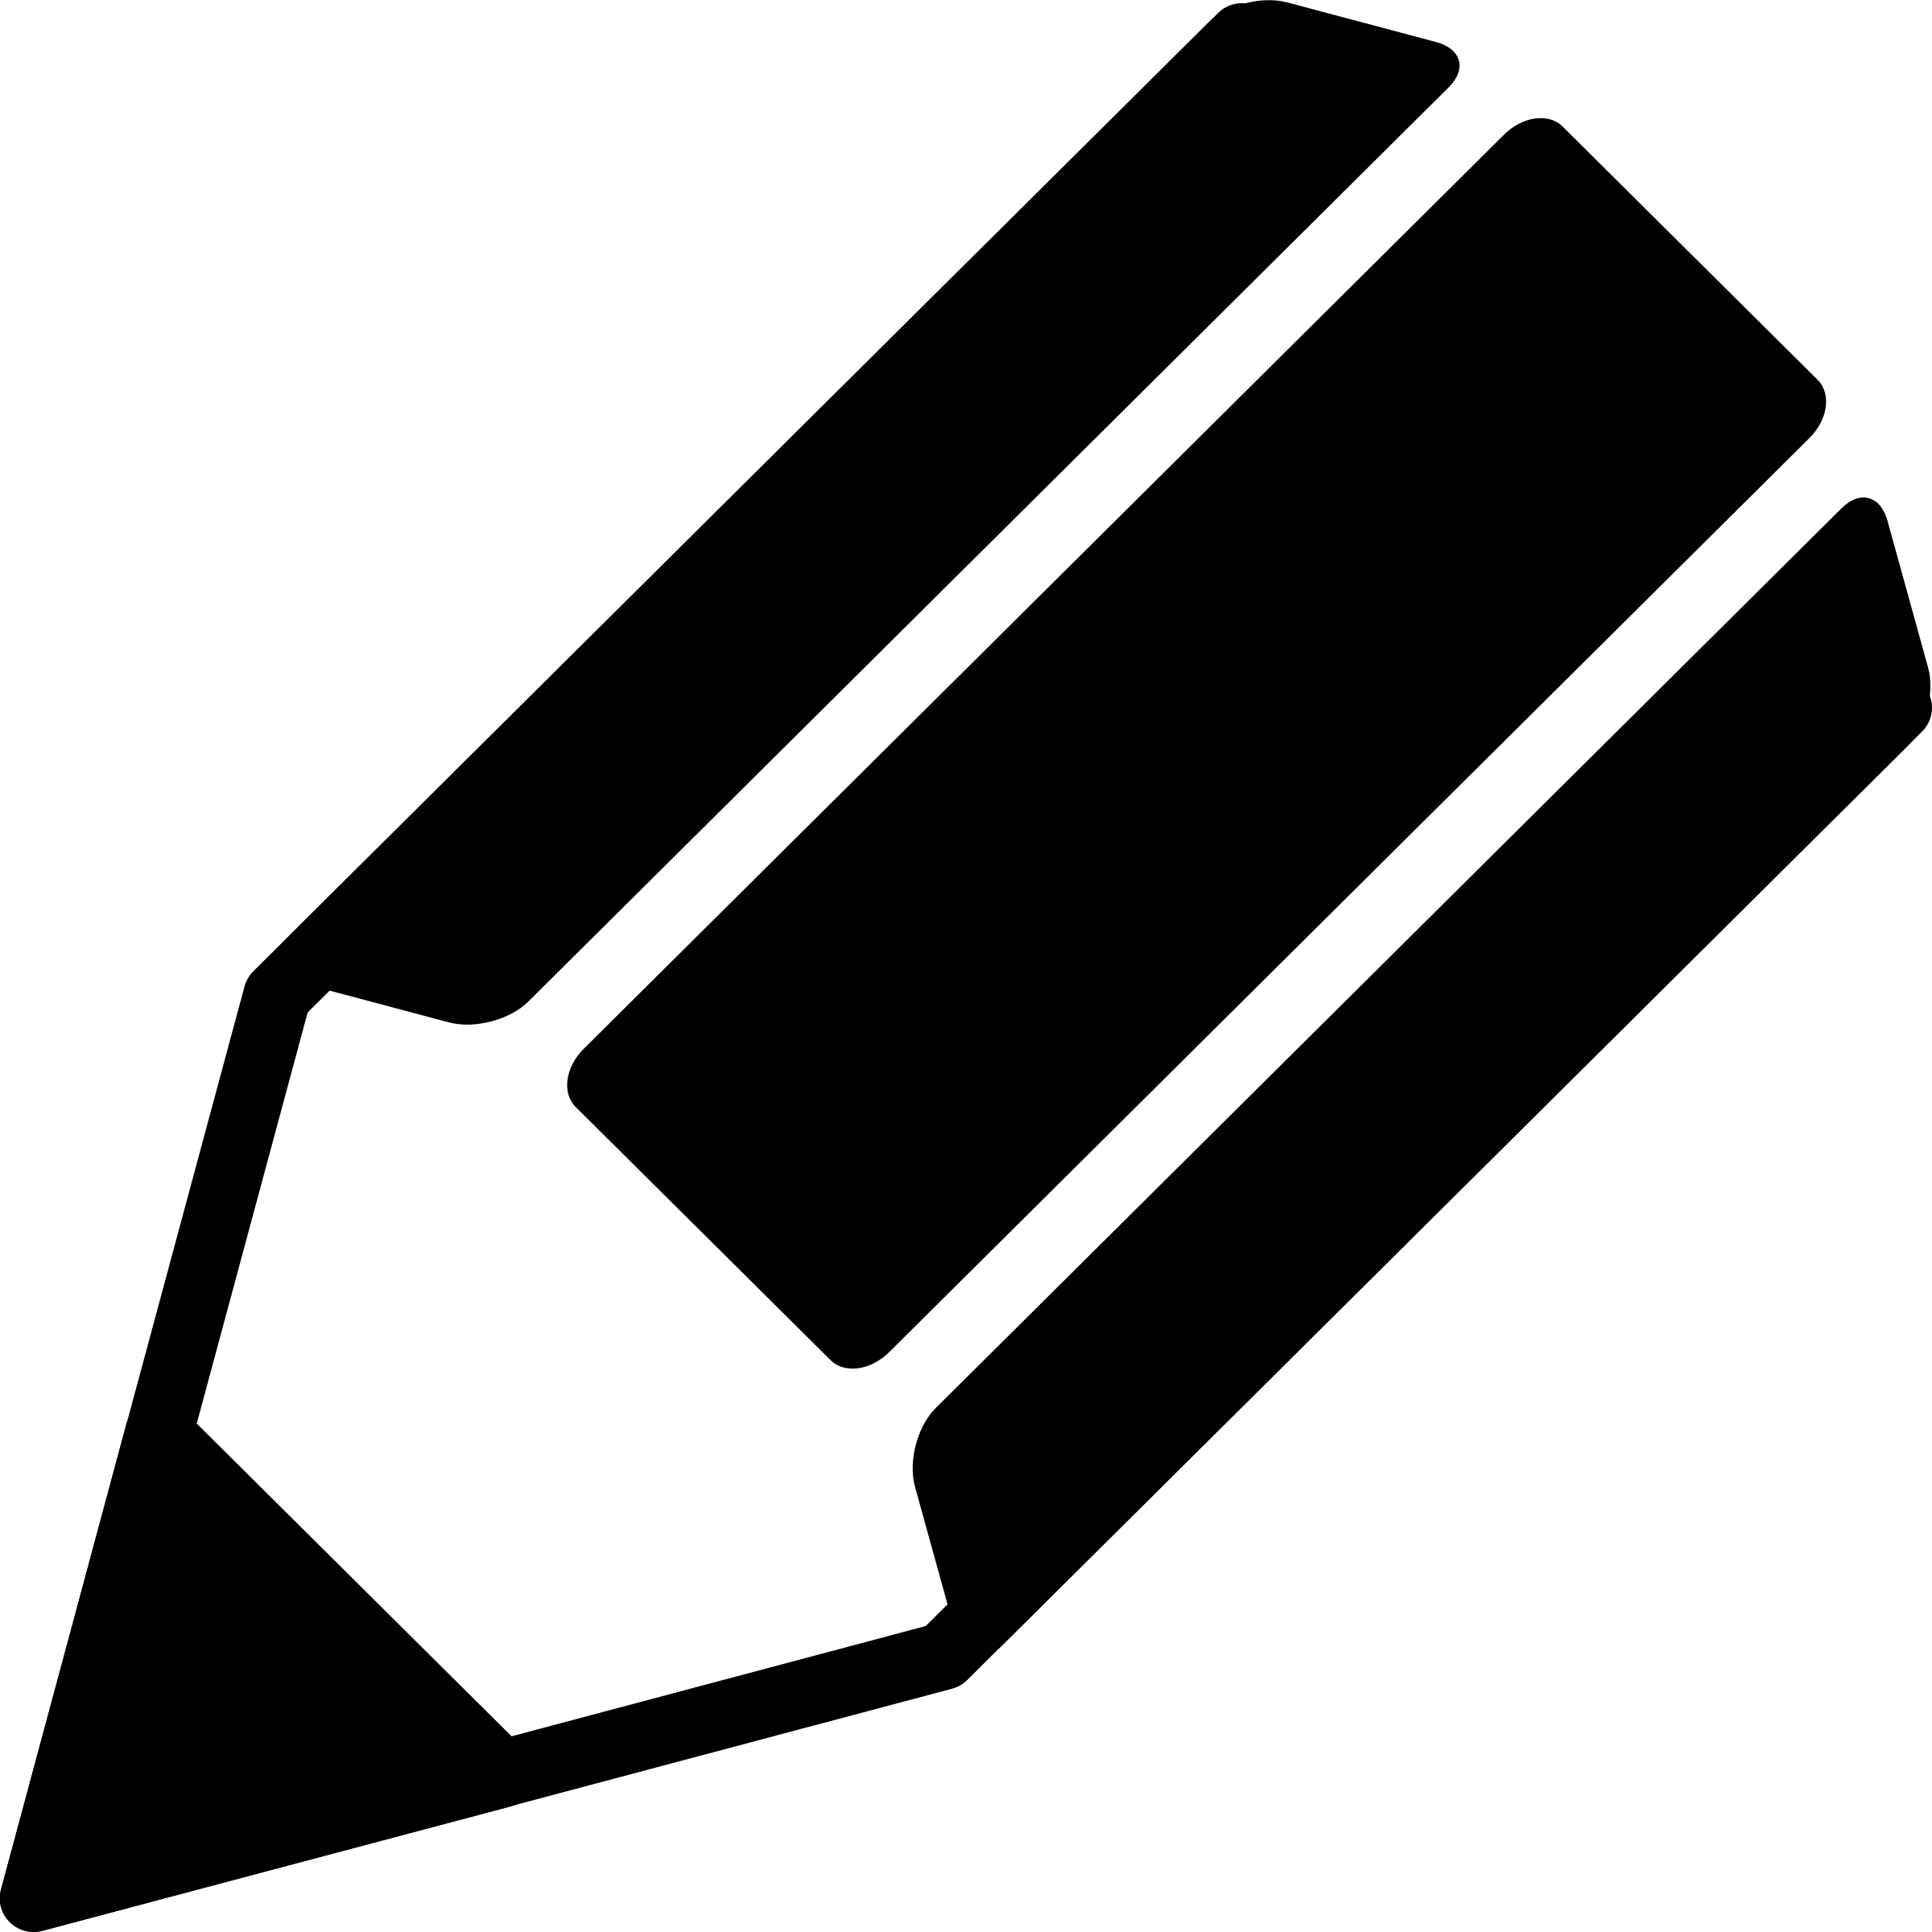 Pencil  black and white pencil cliparts black free download clip art